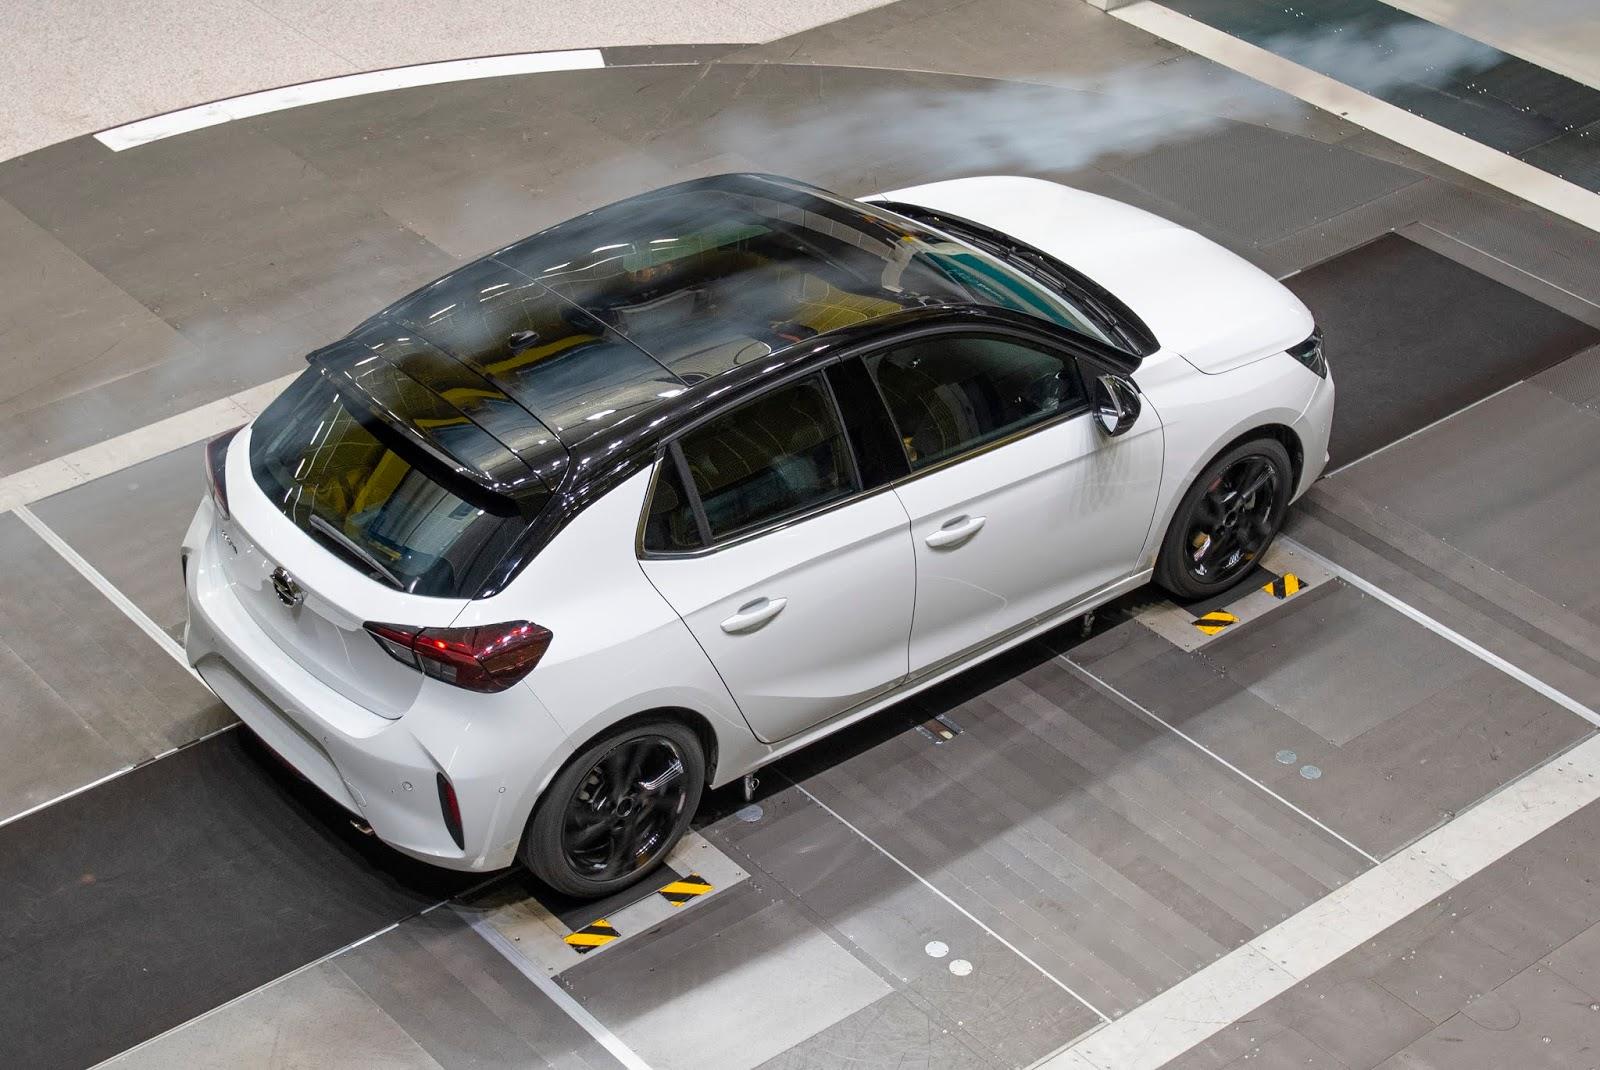 2019 - [Opel] Corsa F [P2JO] - Page 13 2019-opel-aerodynamic-507978